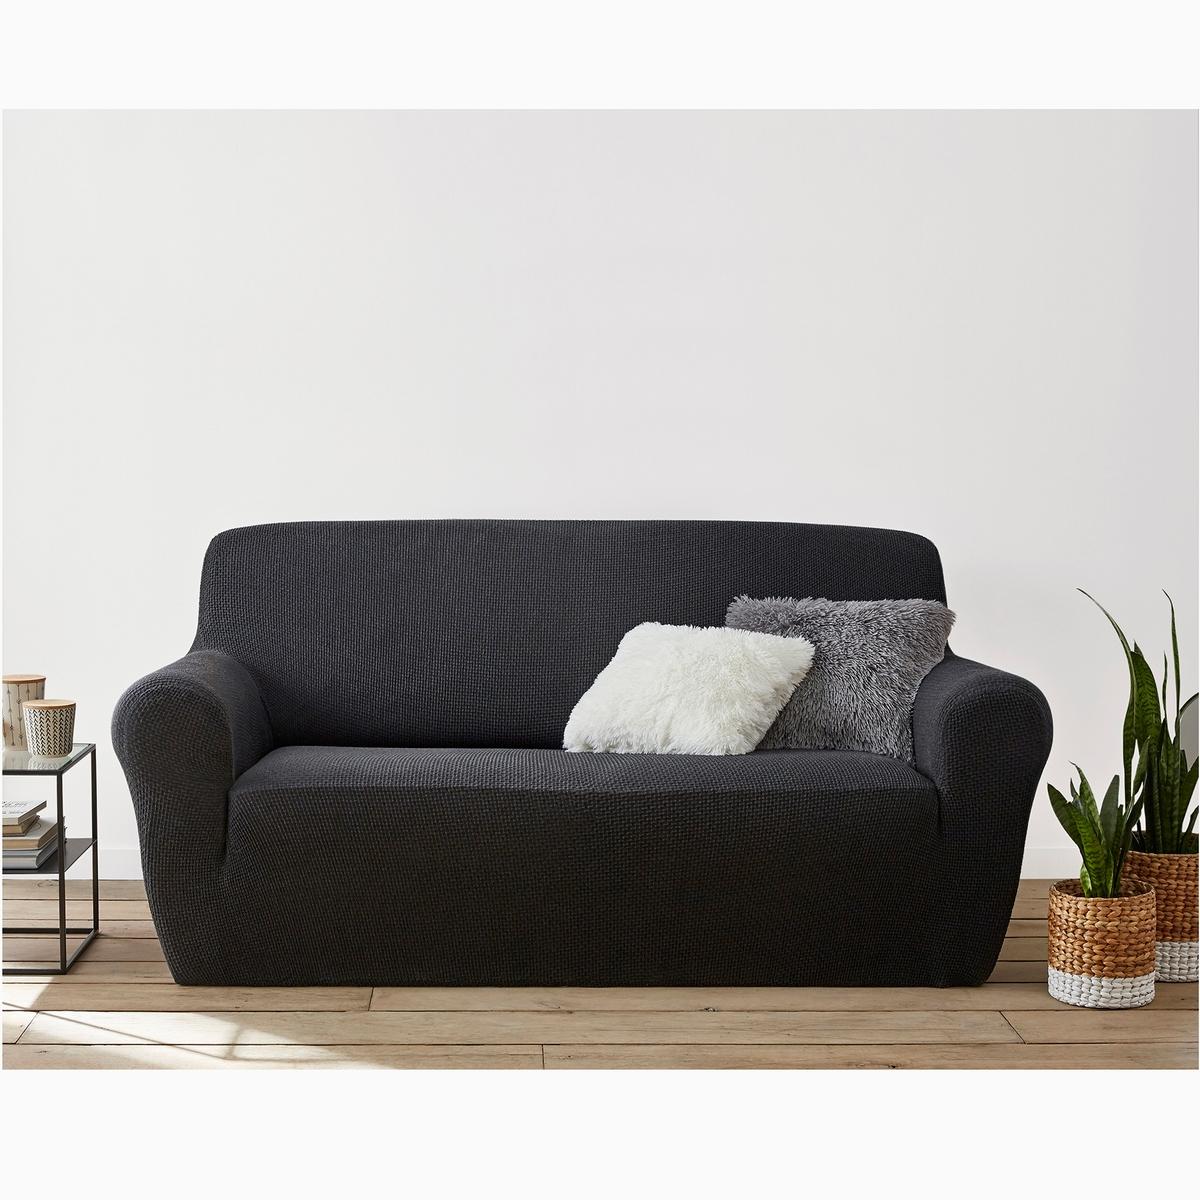 Чехлы для кресла и диванаИз эластичной гофрированной ткани, 55% хлопка, 40% полиэстера, 5% эластана. Стирка при 30°. Эластичный низ прекрасно закрывает кресла, диваны и стулья любых типов.<br><br>Цвет: антрацит,бежевый,красный,серо-коричневый каштан,серый,черный,экрю<br>Размер: 2 места.3 местн..1 места.3 местн..1 места.3 местн..2 места.2 места.1 места.2 места